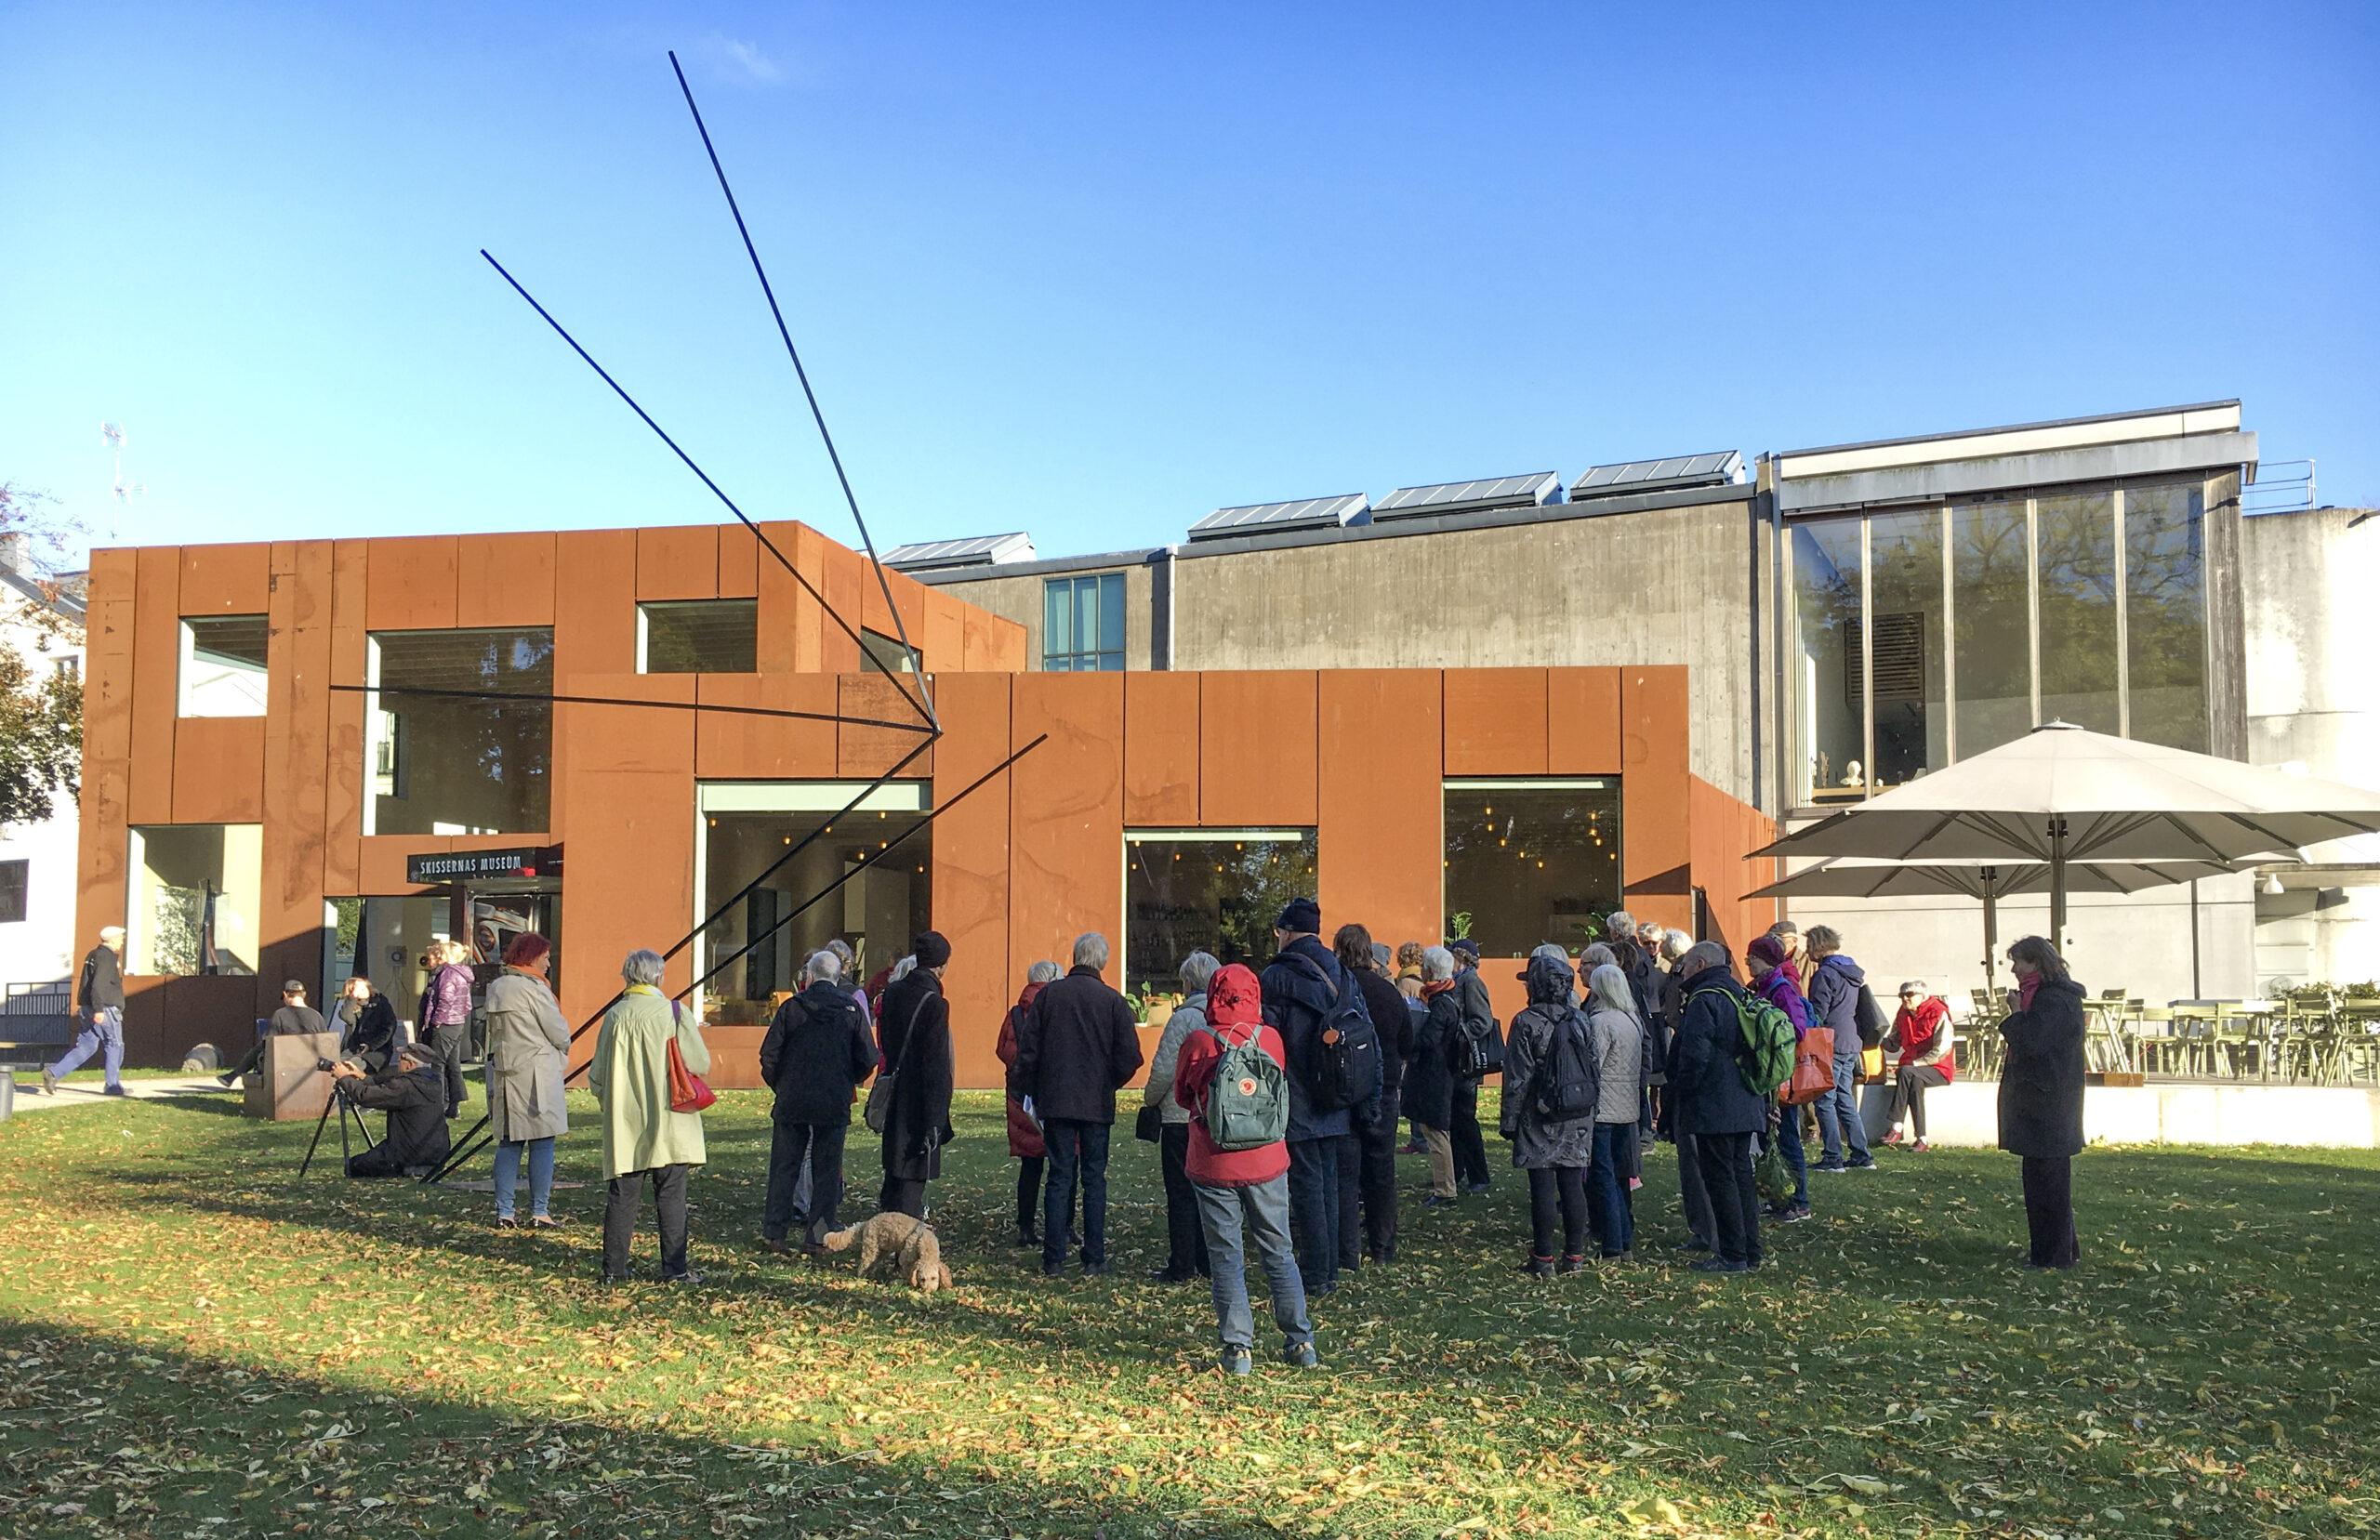 Många människor framför en modern byggnad